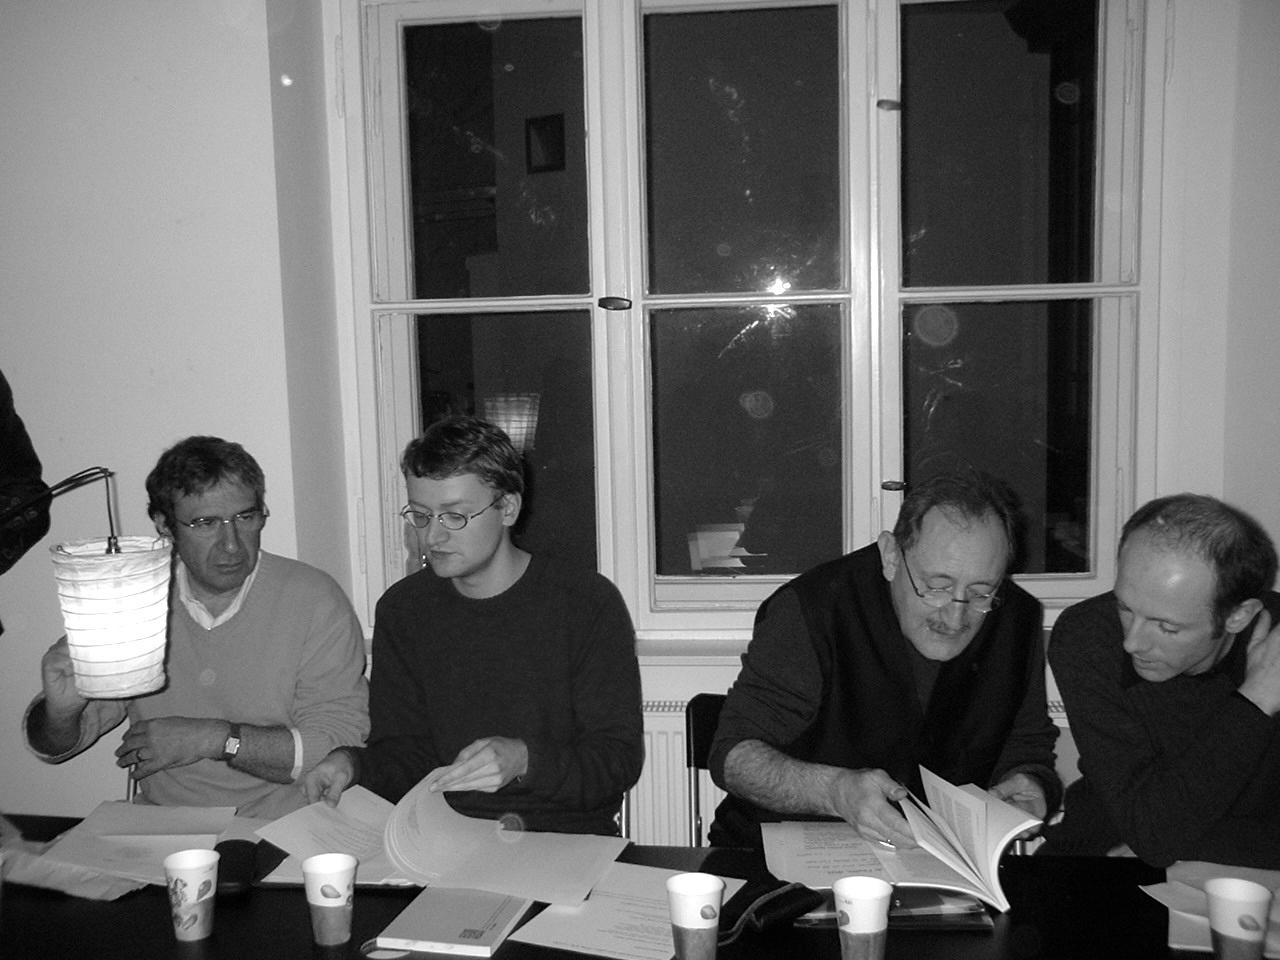 Soirée de lectures à Berlin (2005) à la librairie française Zadig, avec la participation de Pierre le Pillouër, Renatus Deckert, Eric Sarner